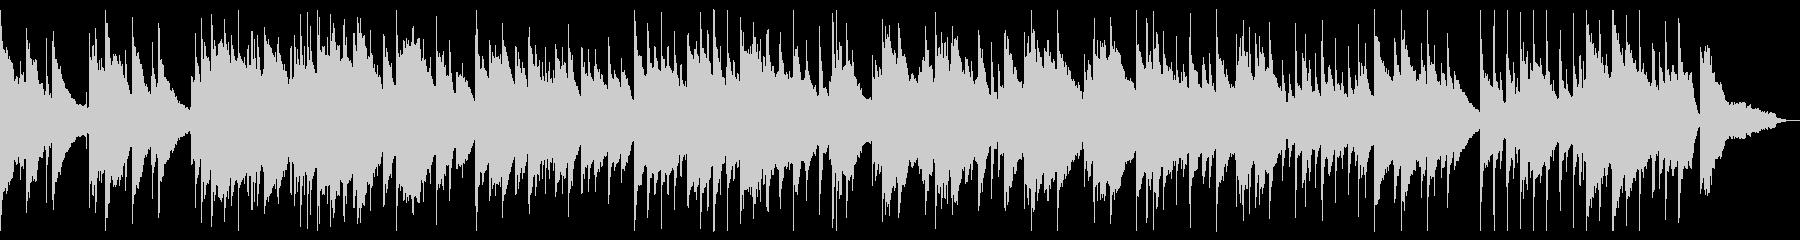 広い空を表現したピアノバラードの未再生の波形